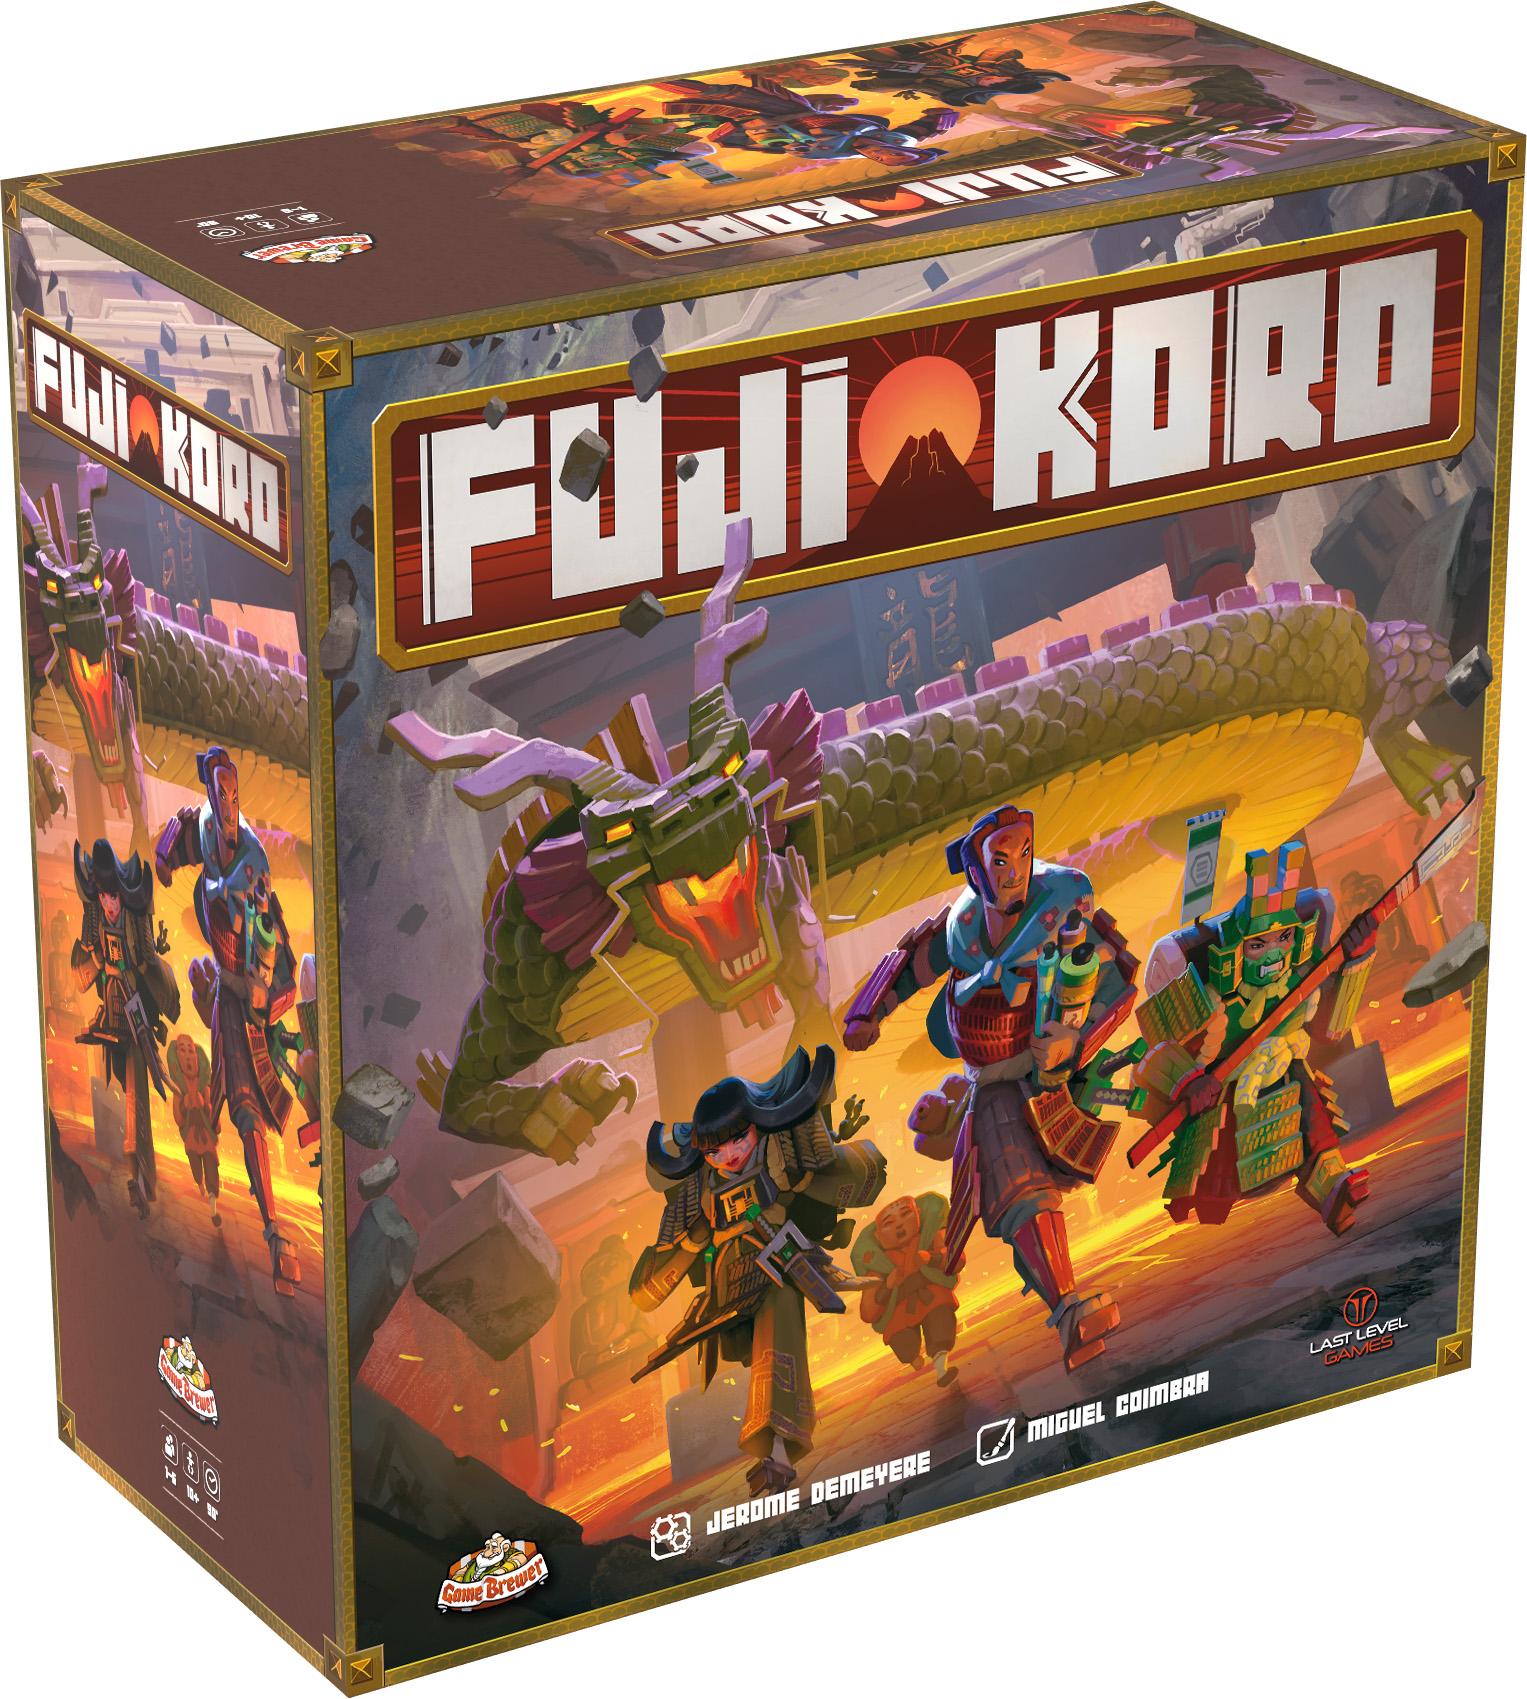 Fuji Koro česky - předprodej spuštěn